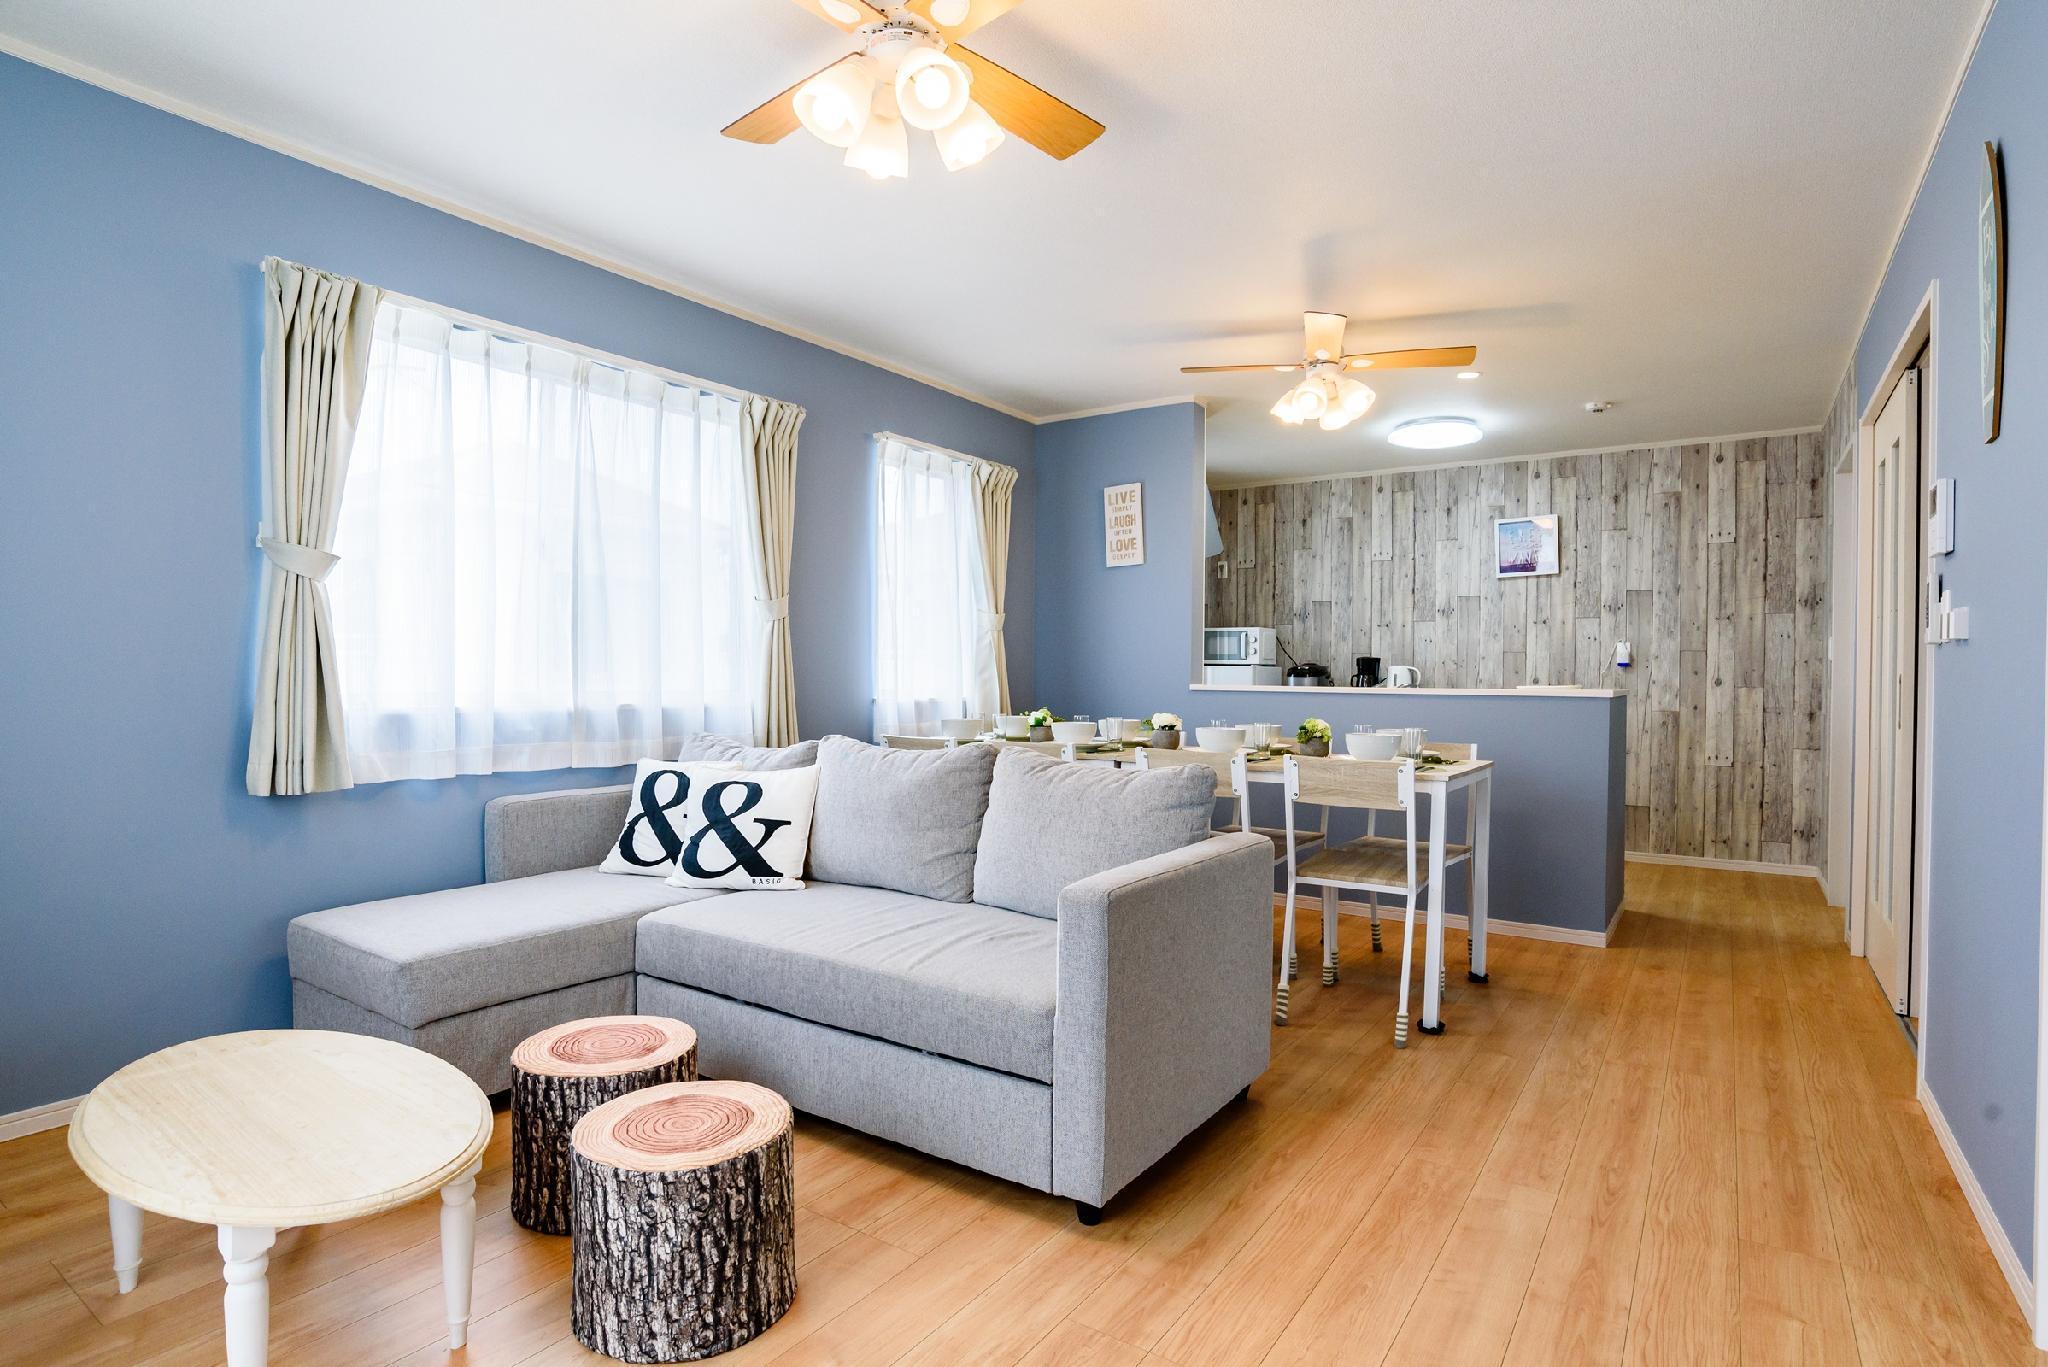 81 Onna Private Villa Max To 17ppl Free WIFI